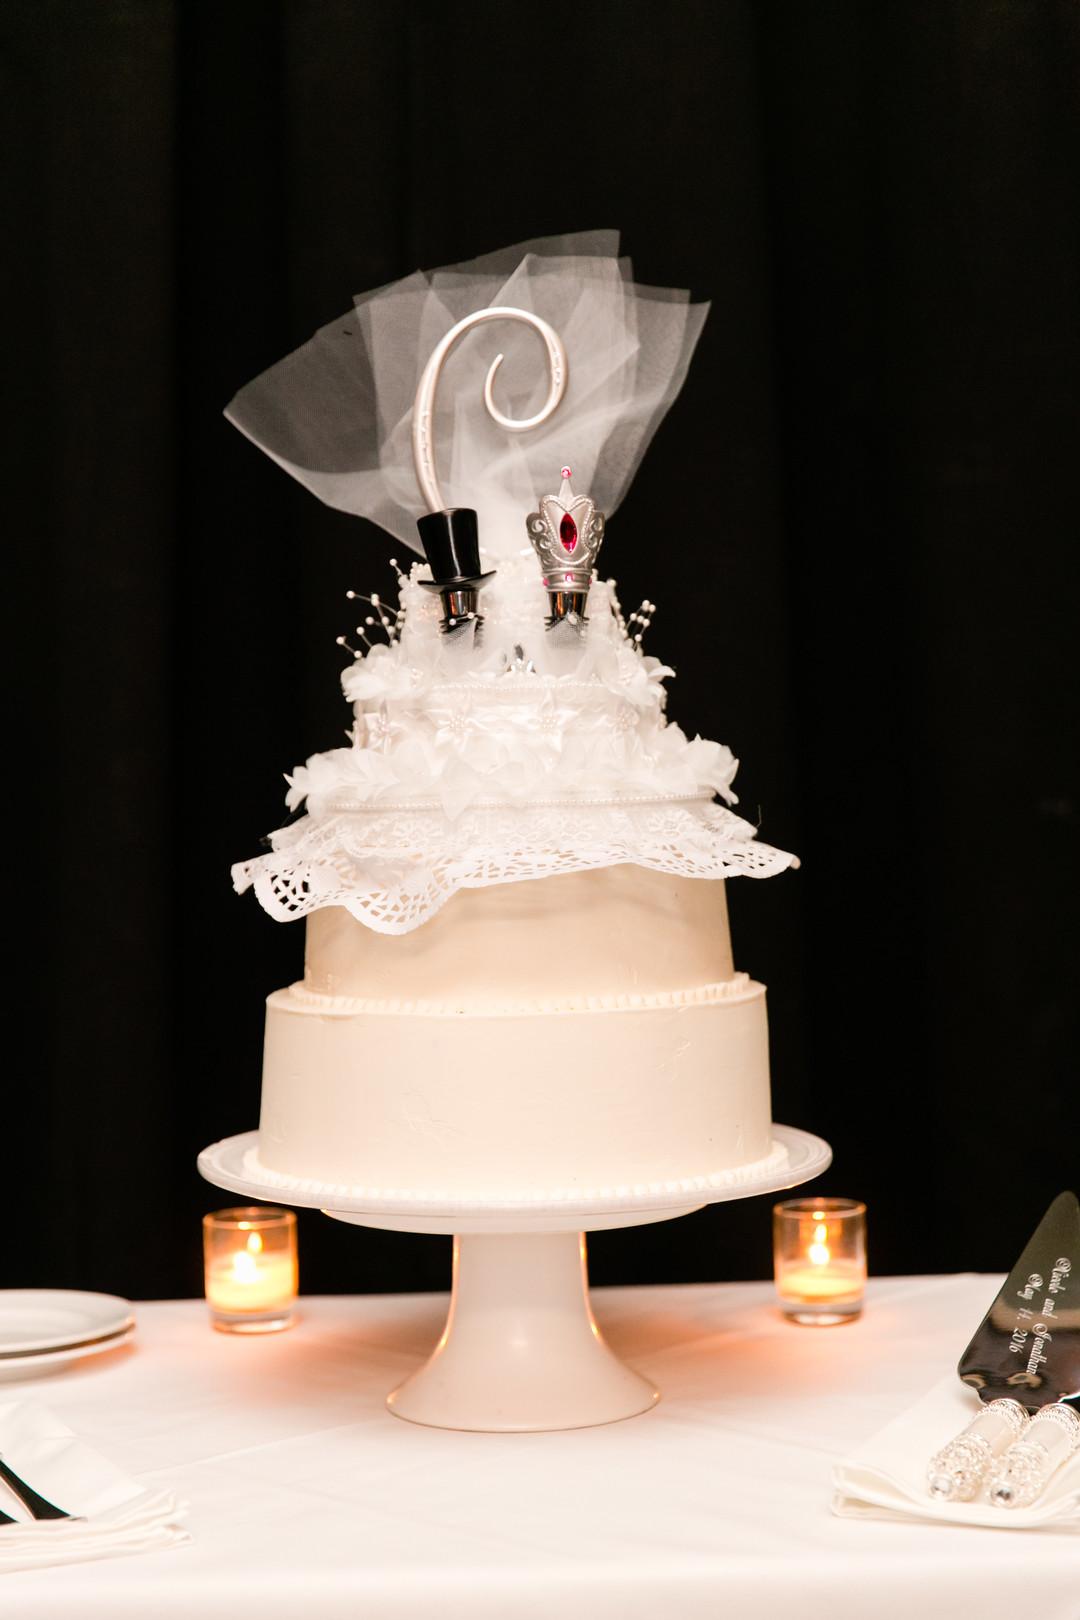 Woolard_Callegari_CaseyFatchettPhotography_publicrestaurantwedding66_big.jpg